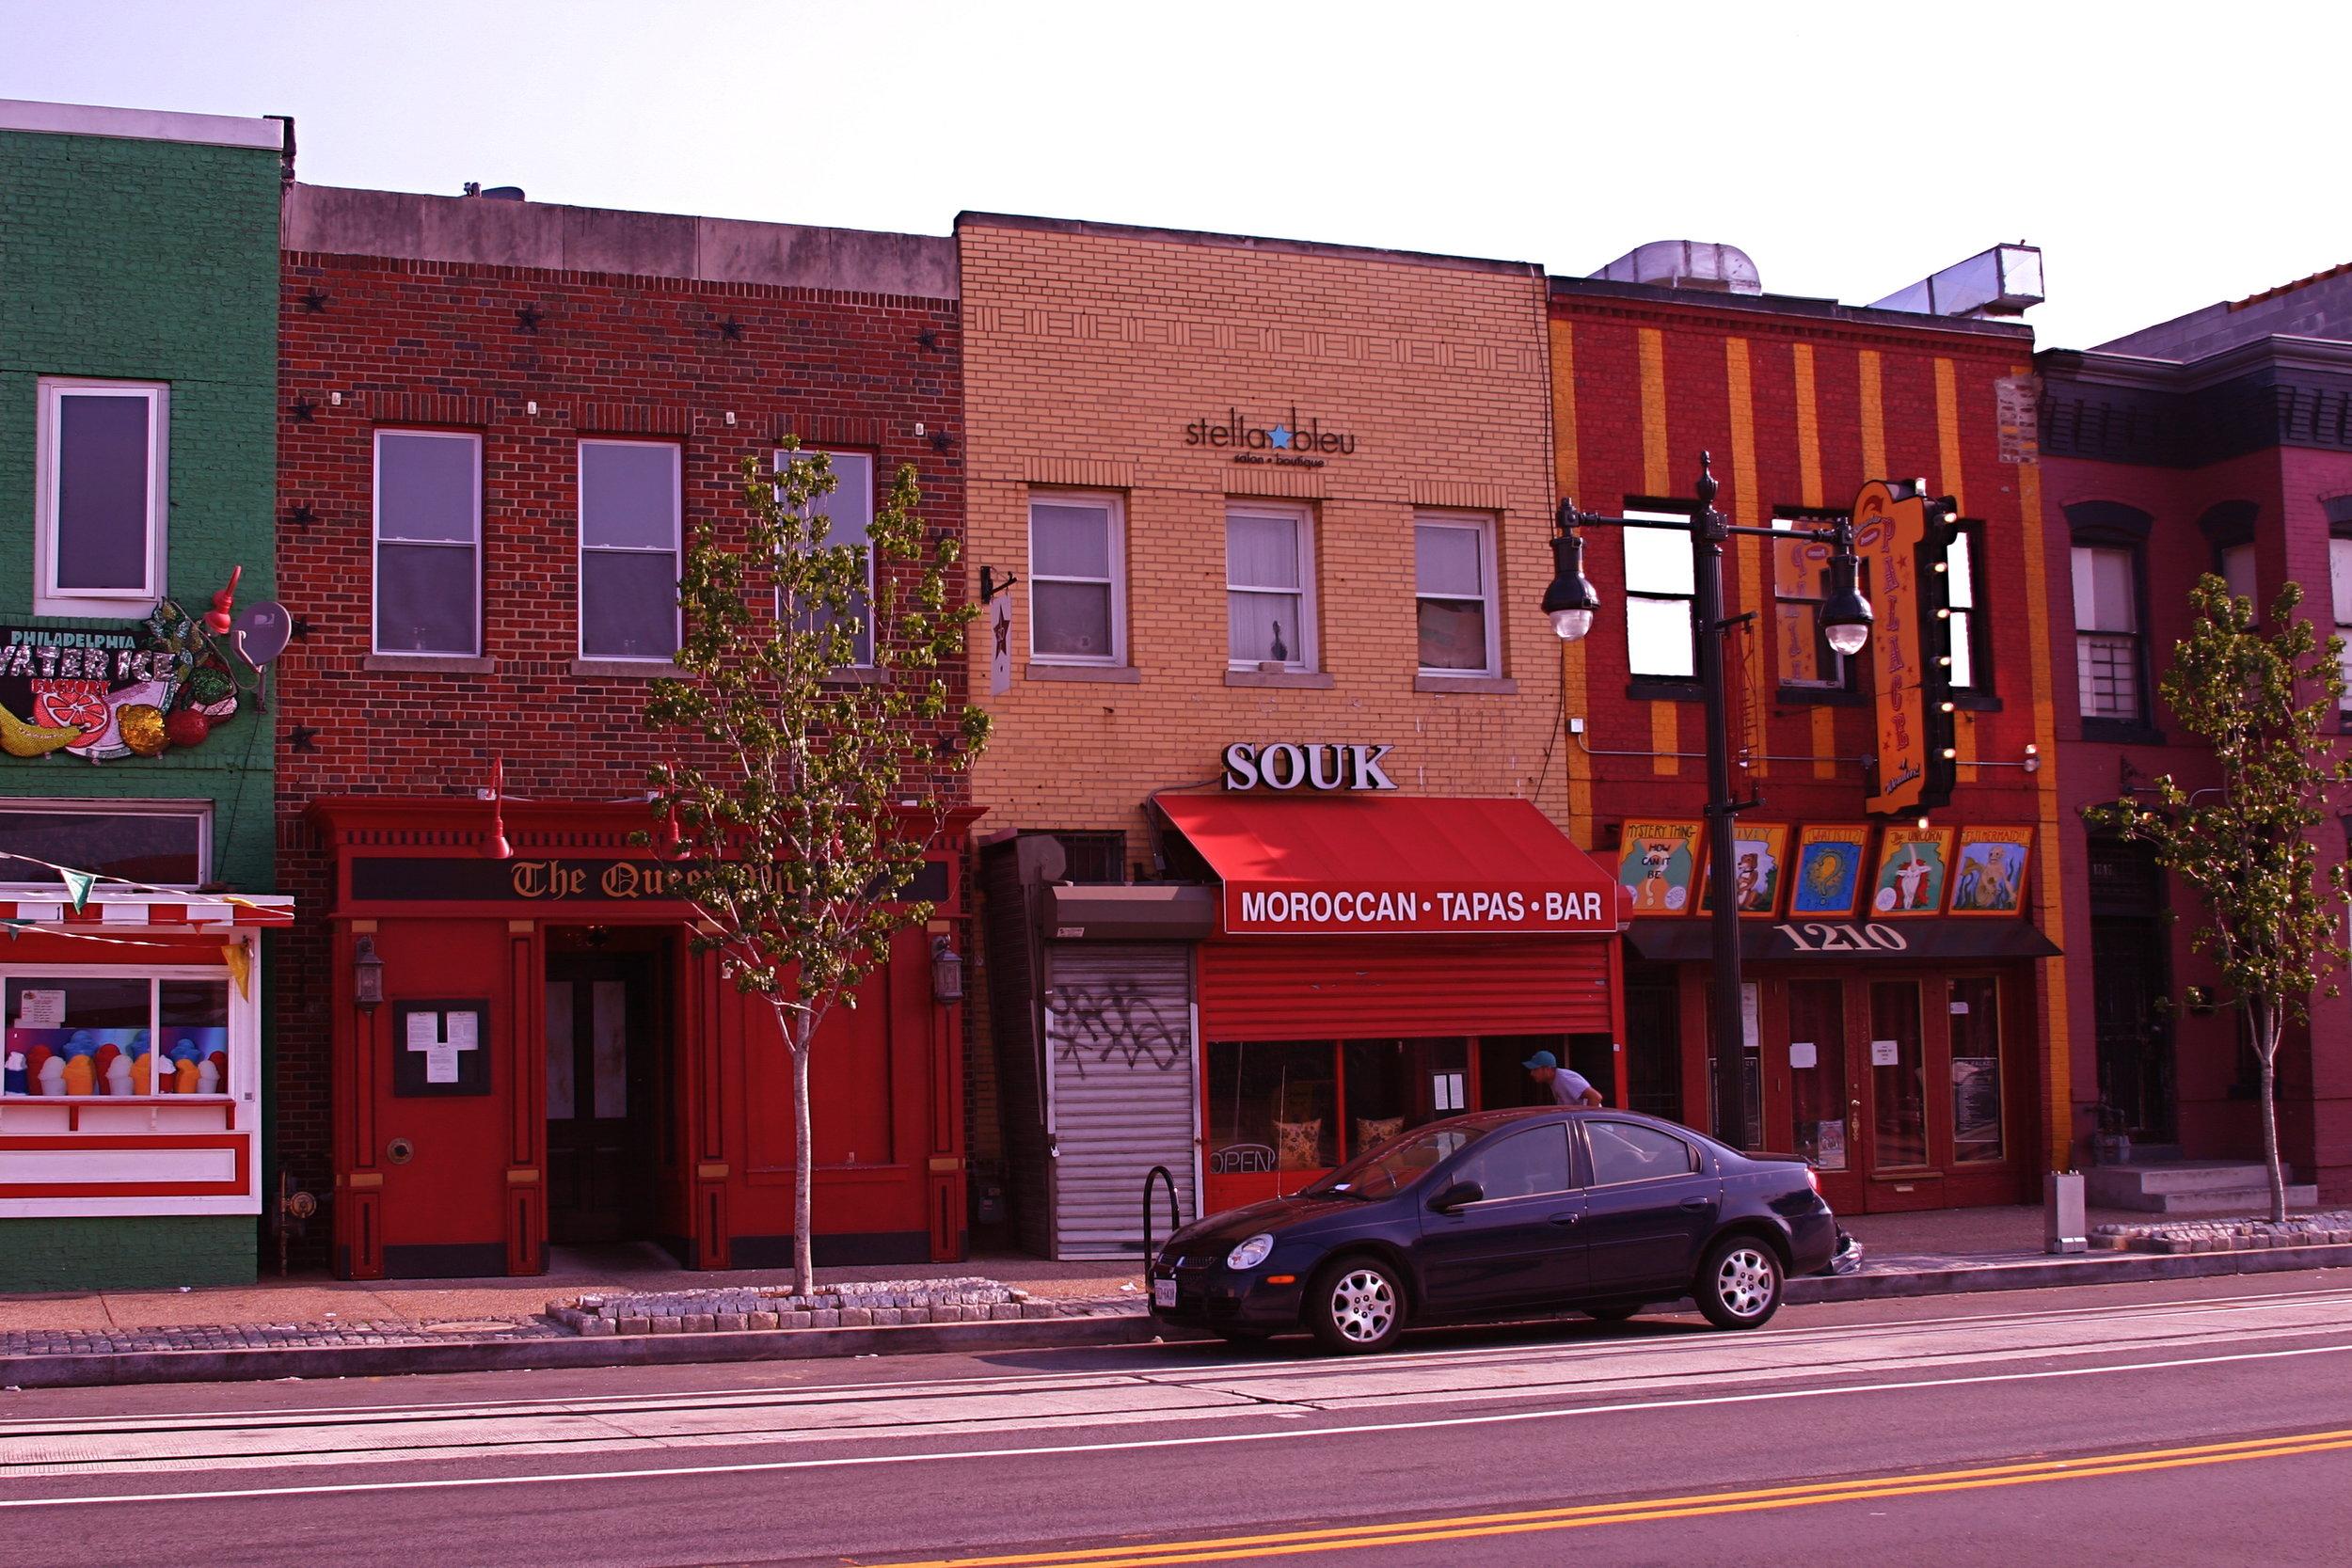 Souk, H Street NE, Washington, DC, July 2011